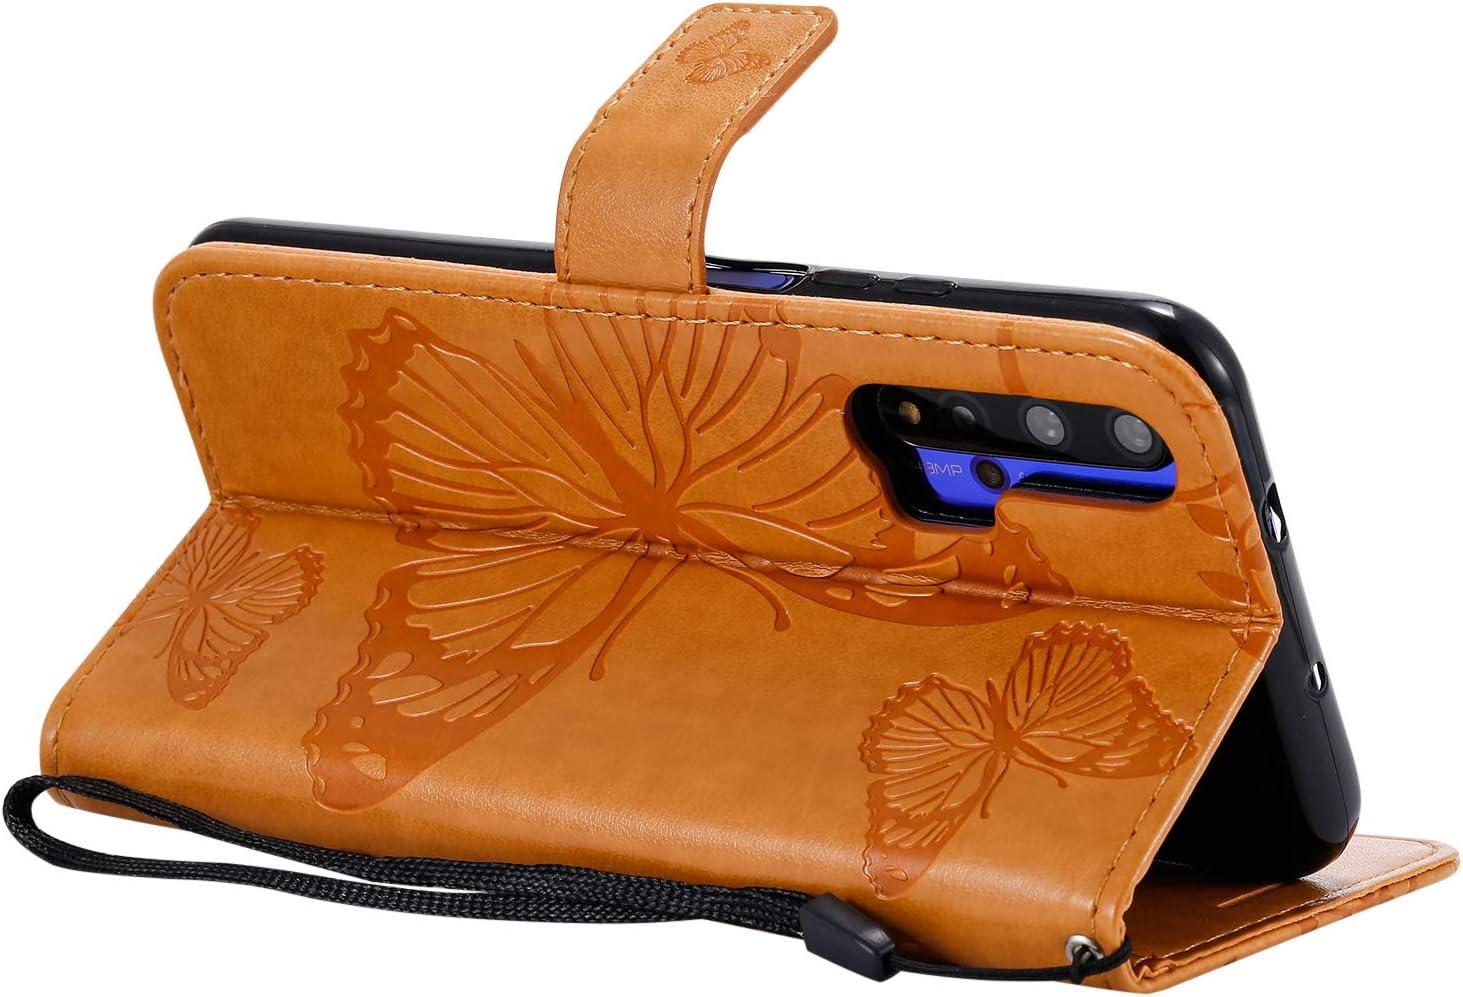 Honor 20 H/ülle Leder LOKTU090556 Blau Schutzh/ülle Brieftasche mit Kartenfach Klappbar Magnetisch Sto/ßfest Handyh/ülle Case f/ür Huawei nova 5T Lomogo Huawei nova 5T